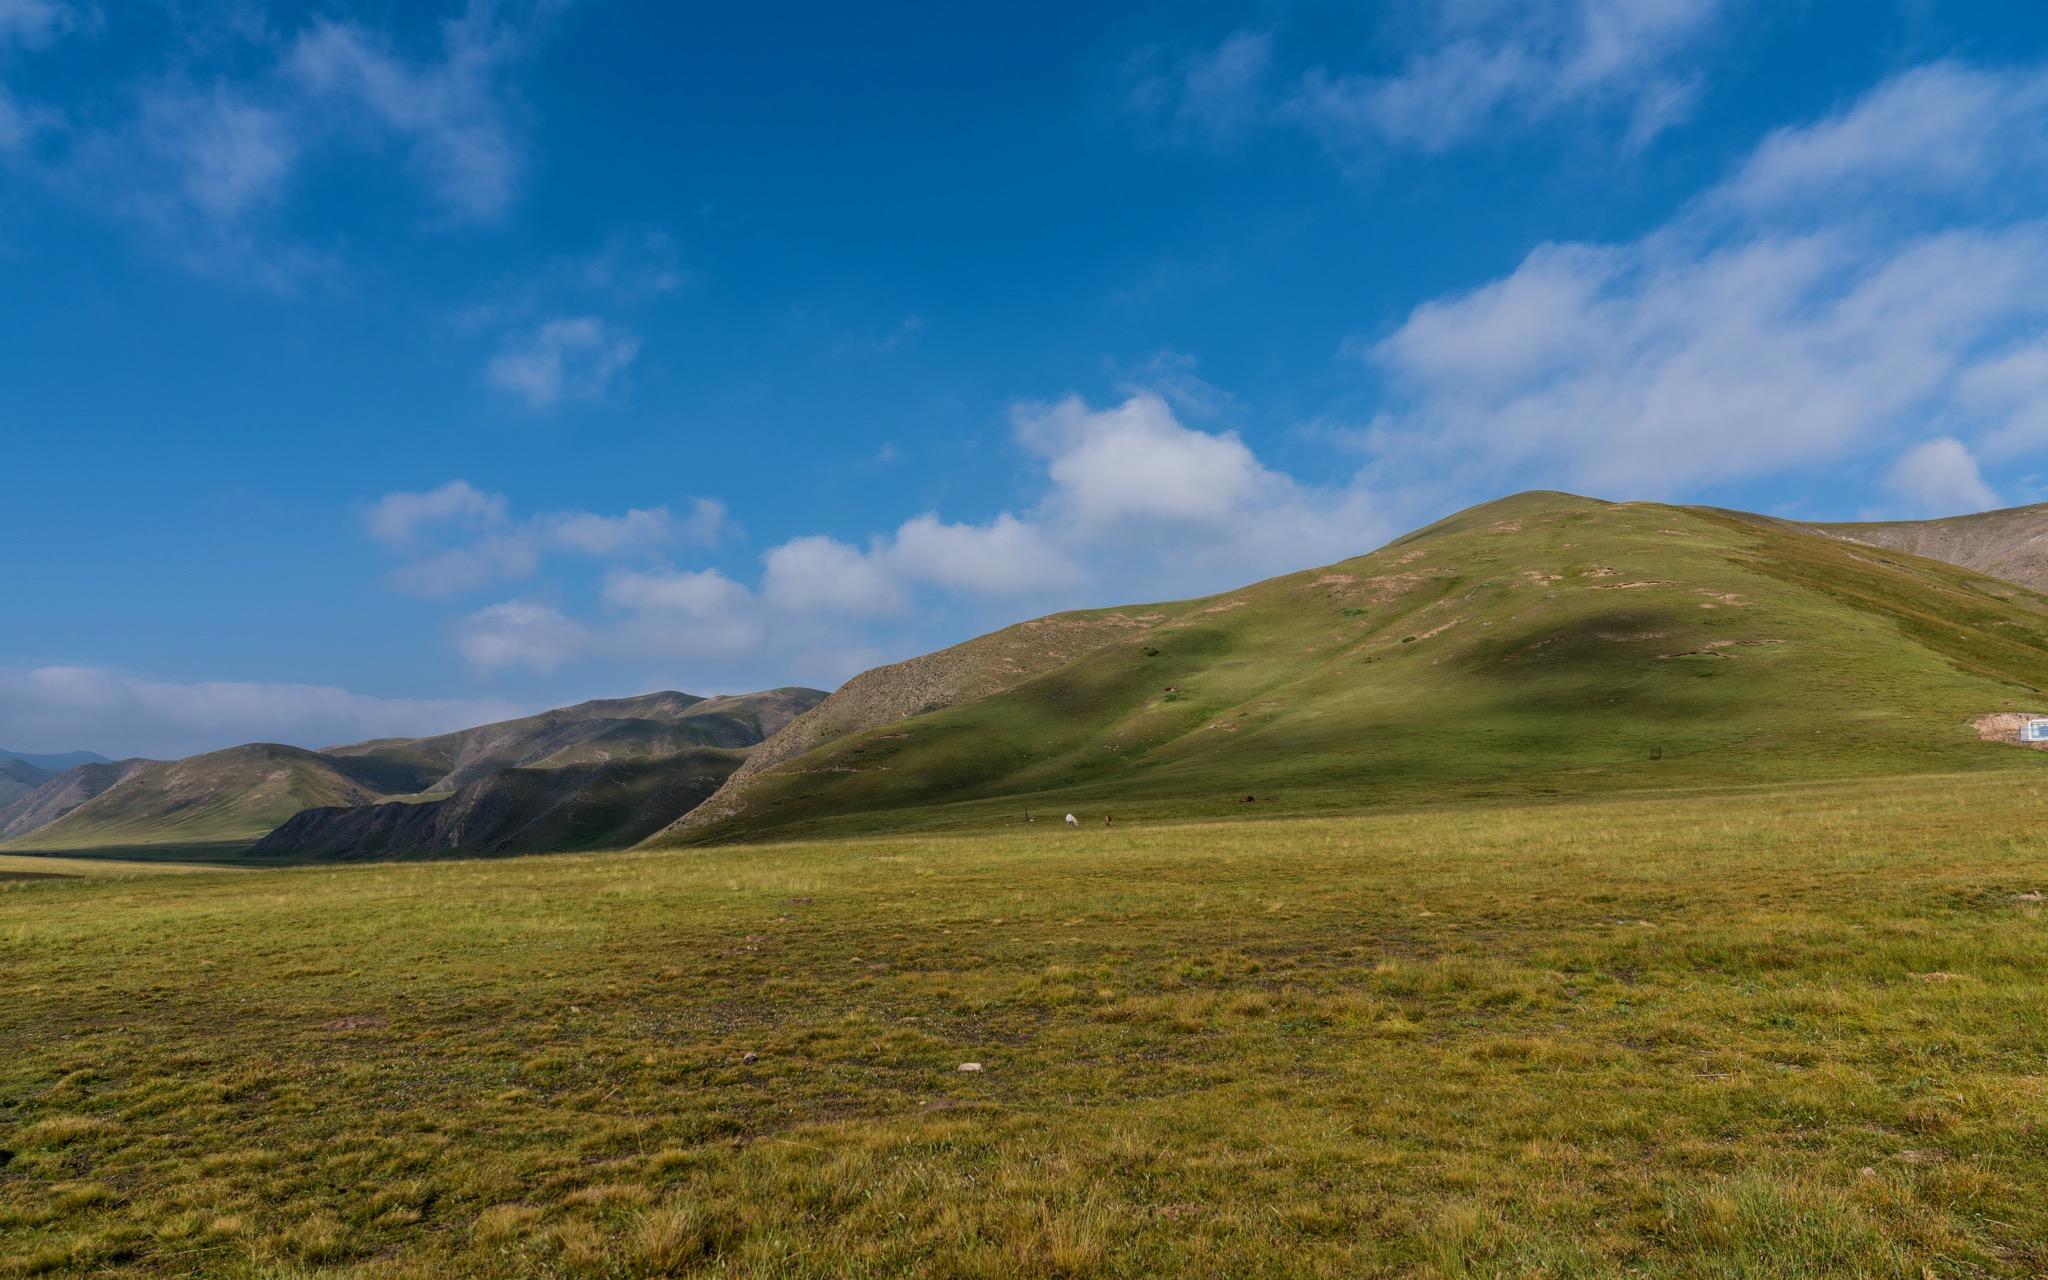 象鼻山附近风景